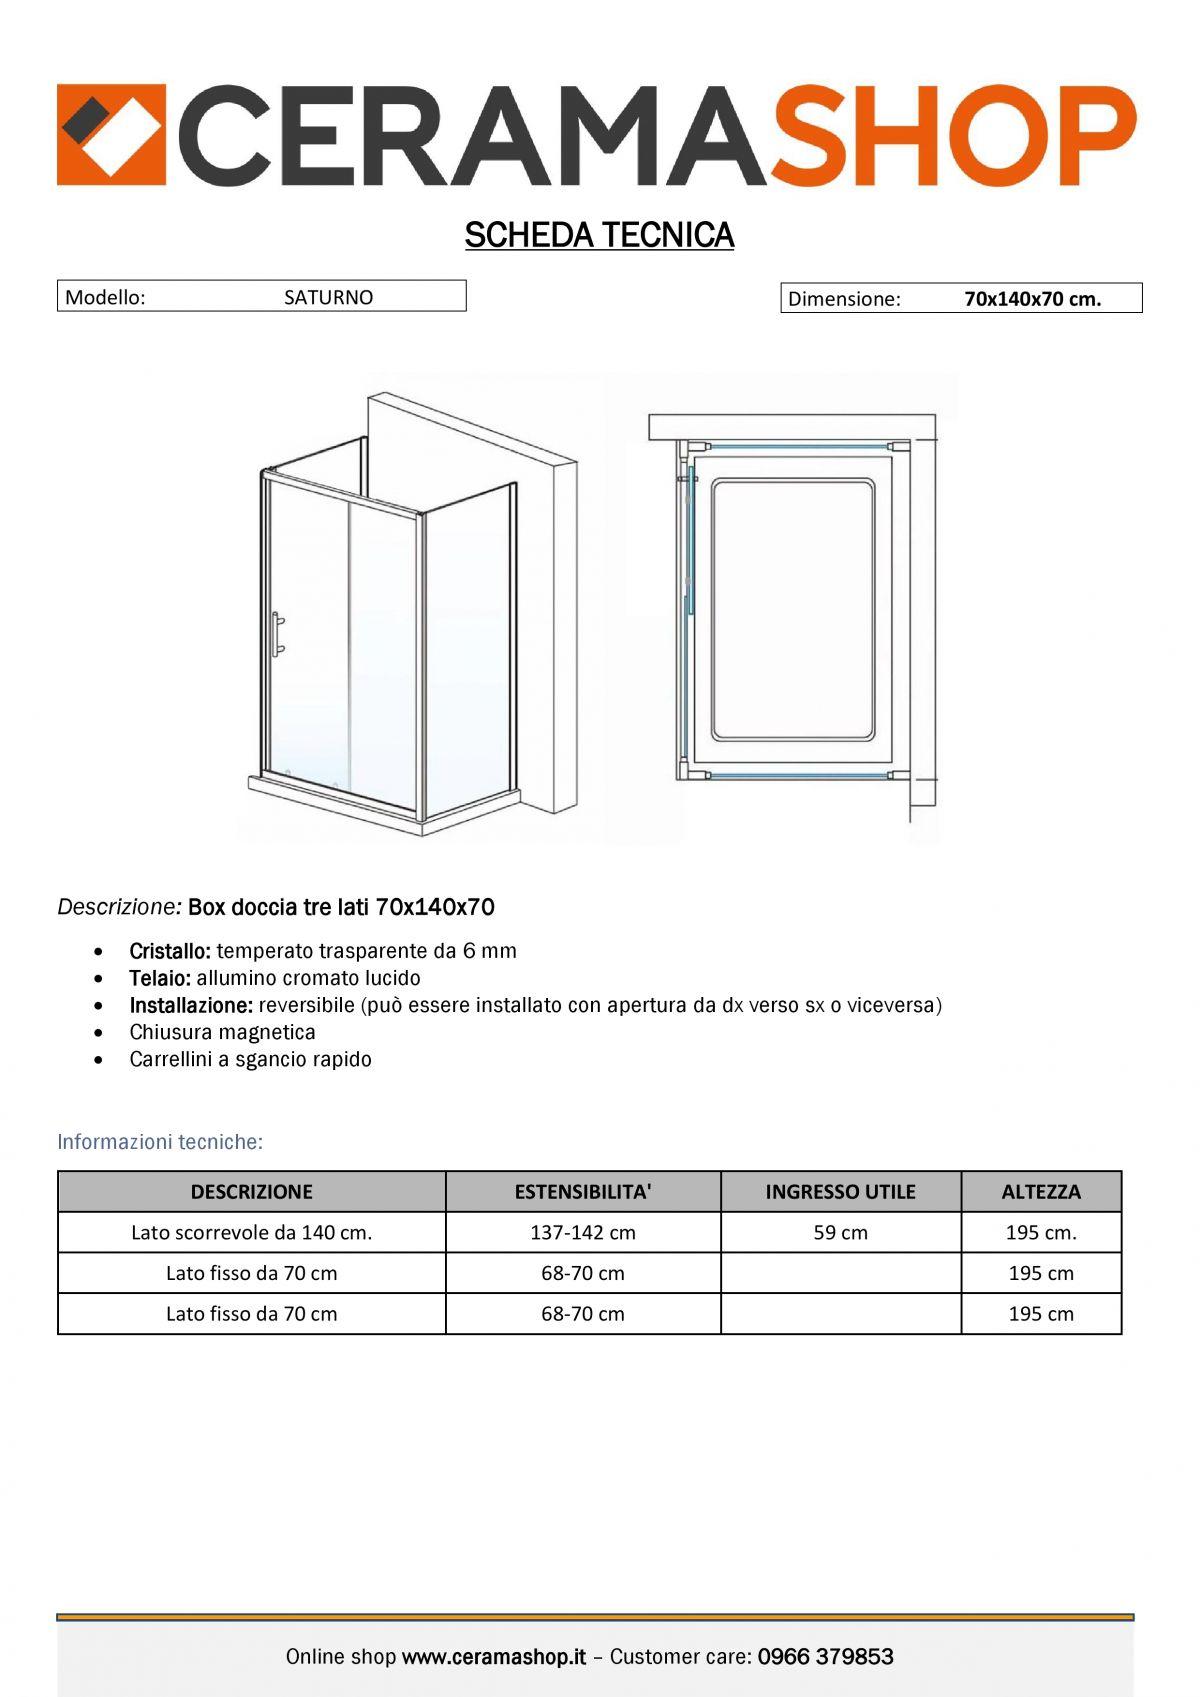 """70x140x70 0000012 scaled Box Cabina doccia tre lati """"Saturno"""" 70x140x70 cm scorrevole cristallo trasparente 6 mm"""